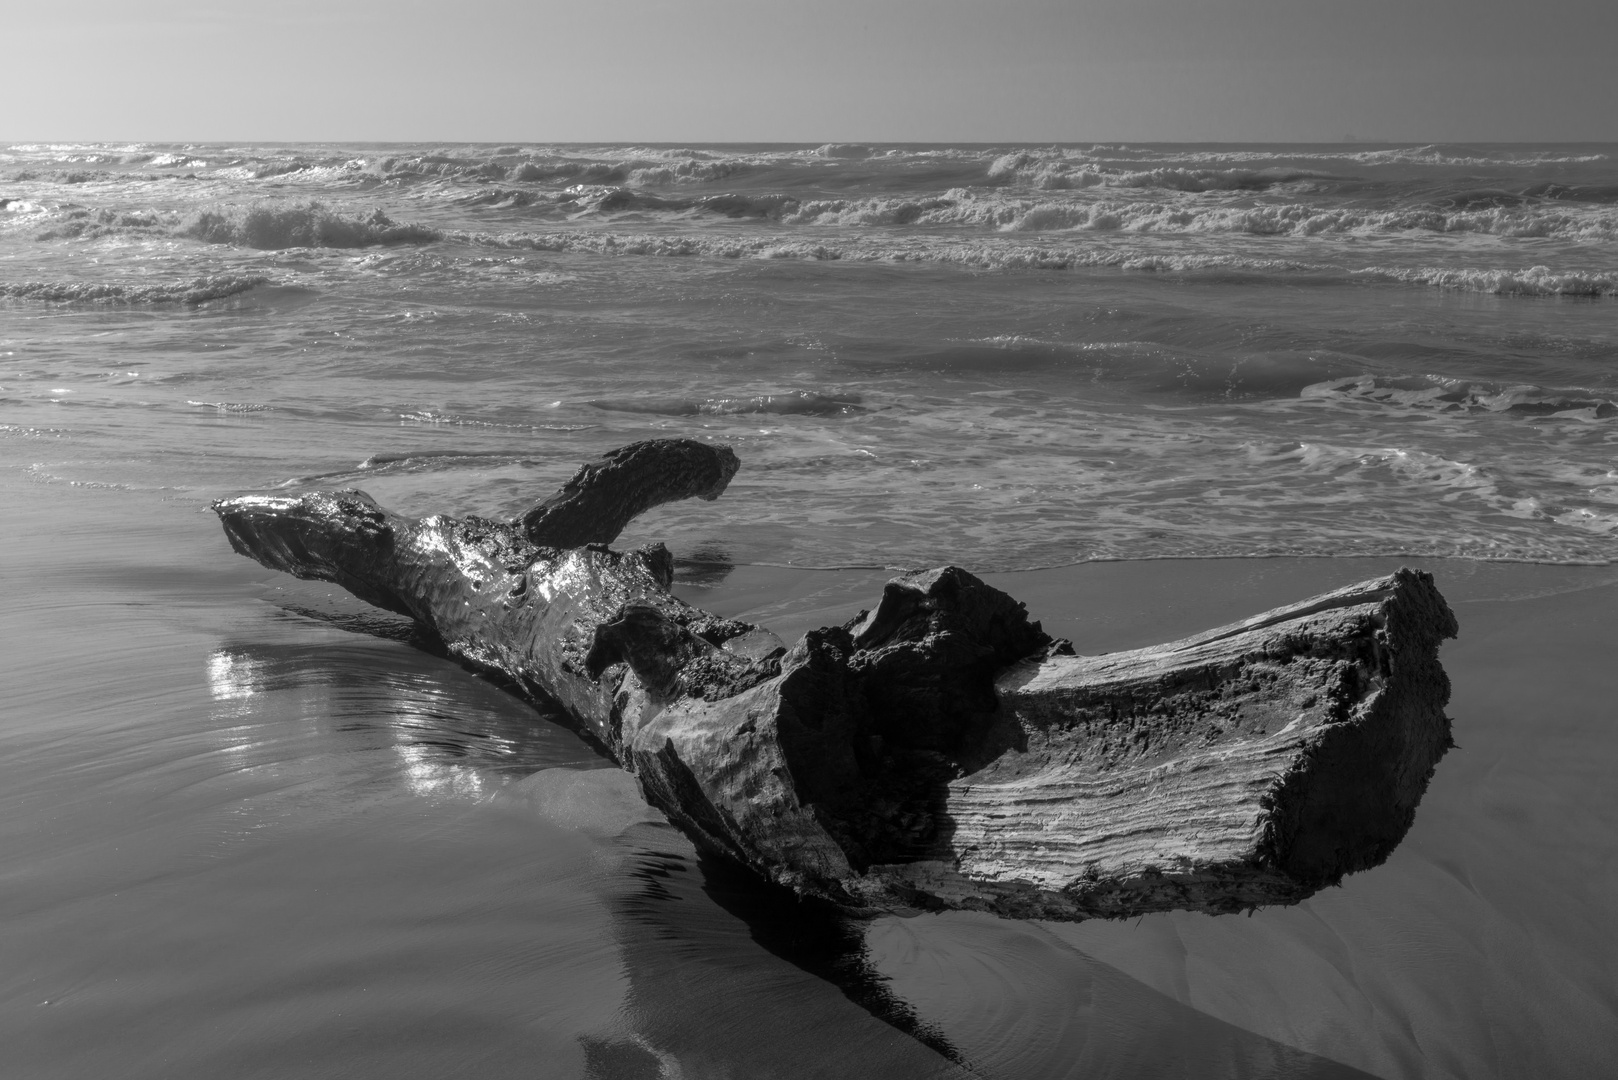 sulla riva del mare